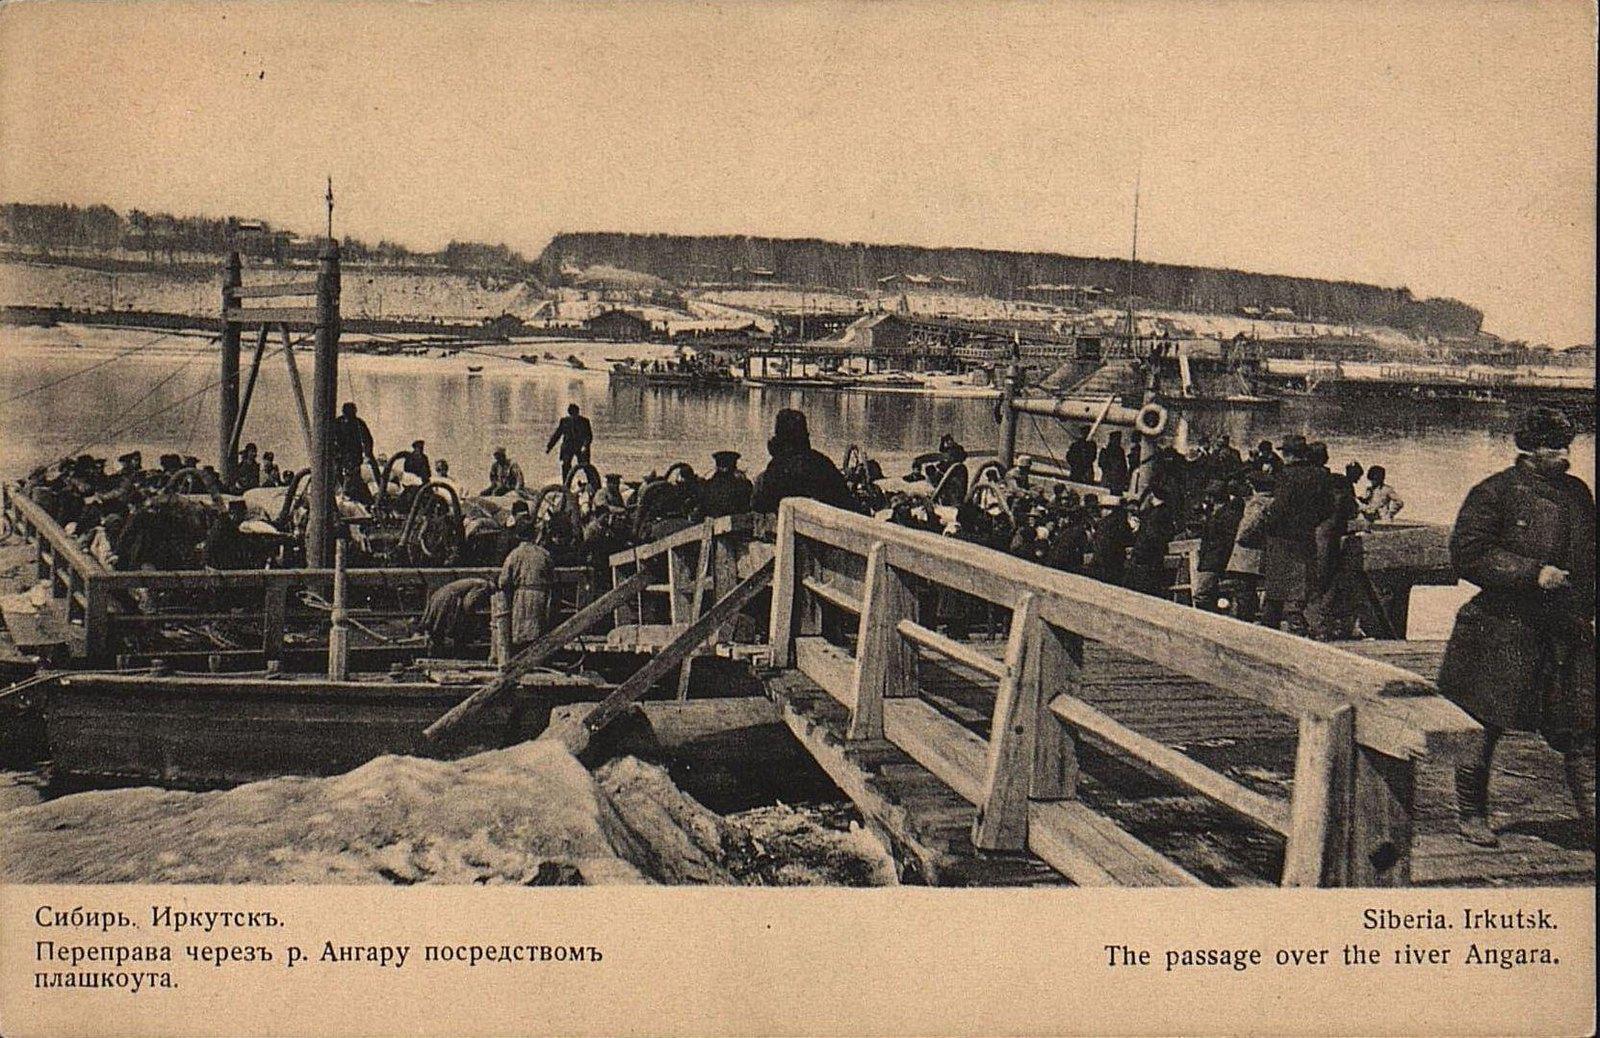 Нижняя Набережная. Переправа через реку Ангару посредством плашкоута